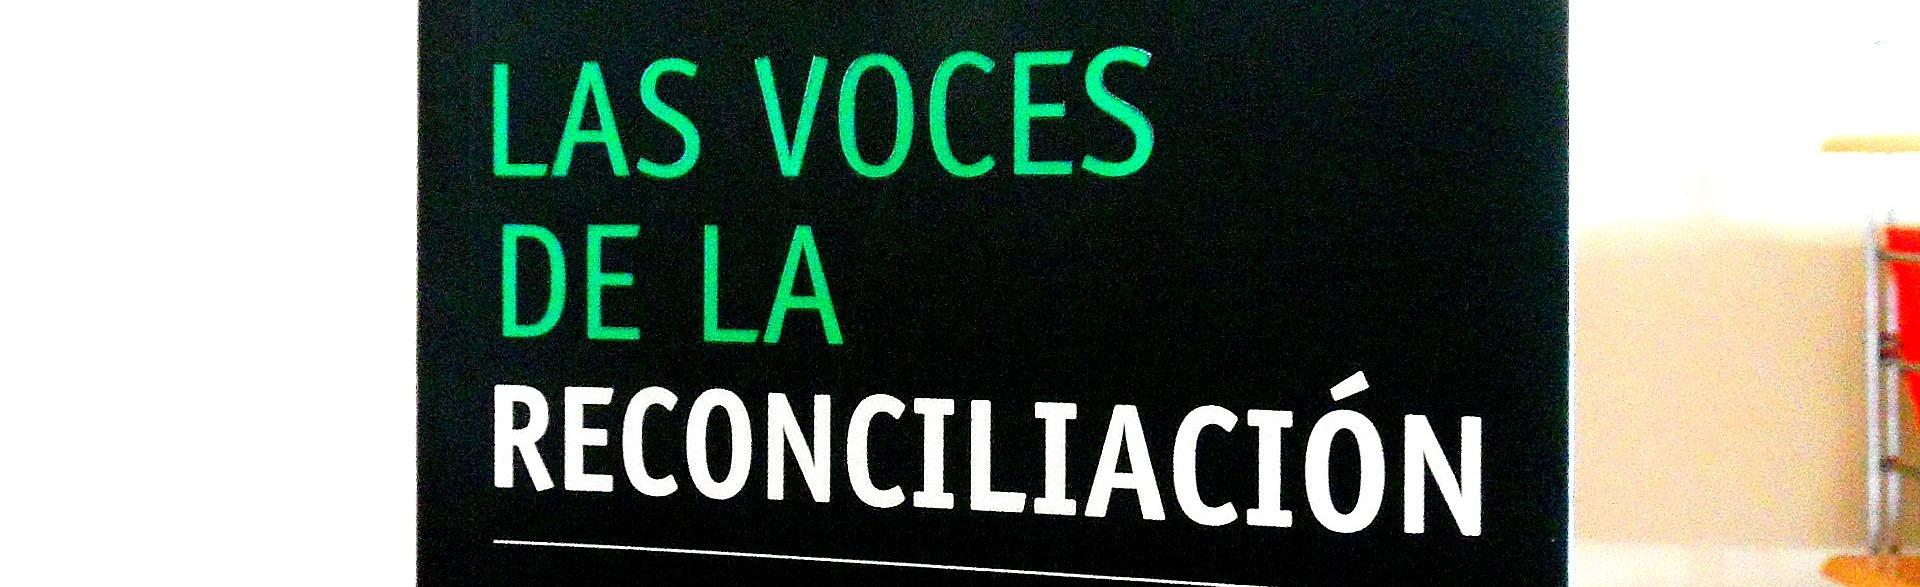 Las voces de la reconciliación: a 40 años del 11 de septiembre